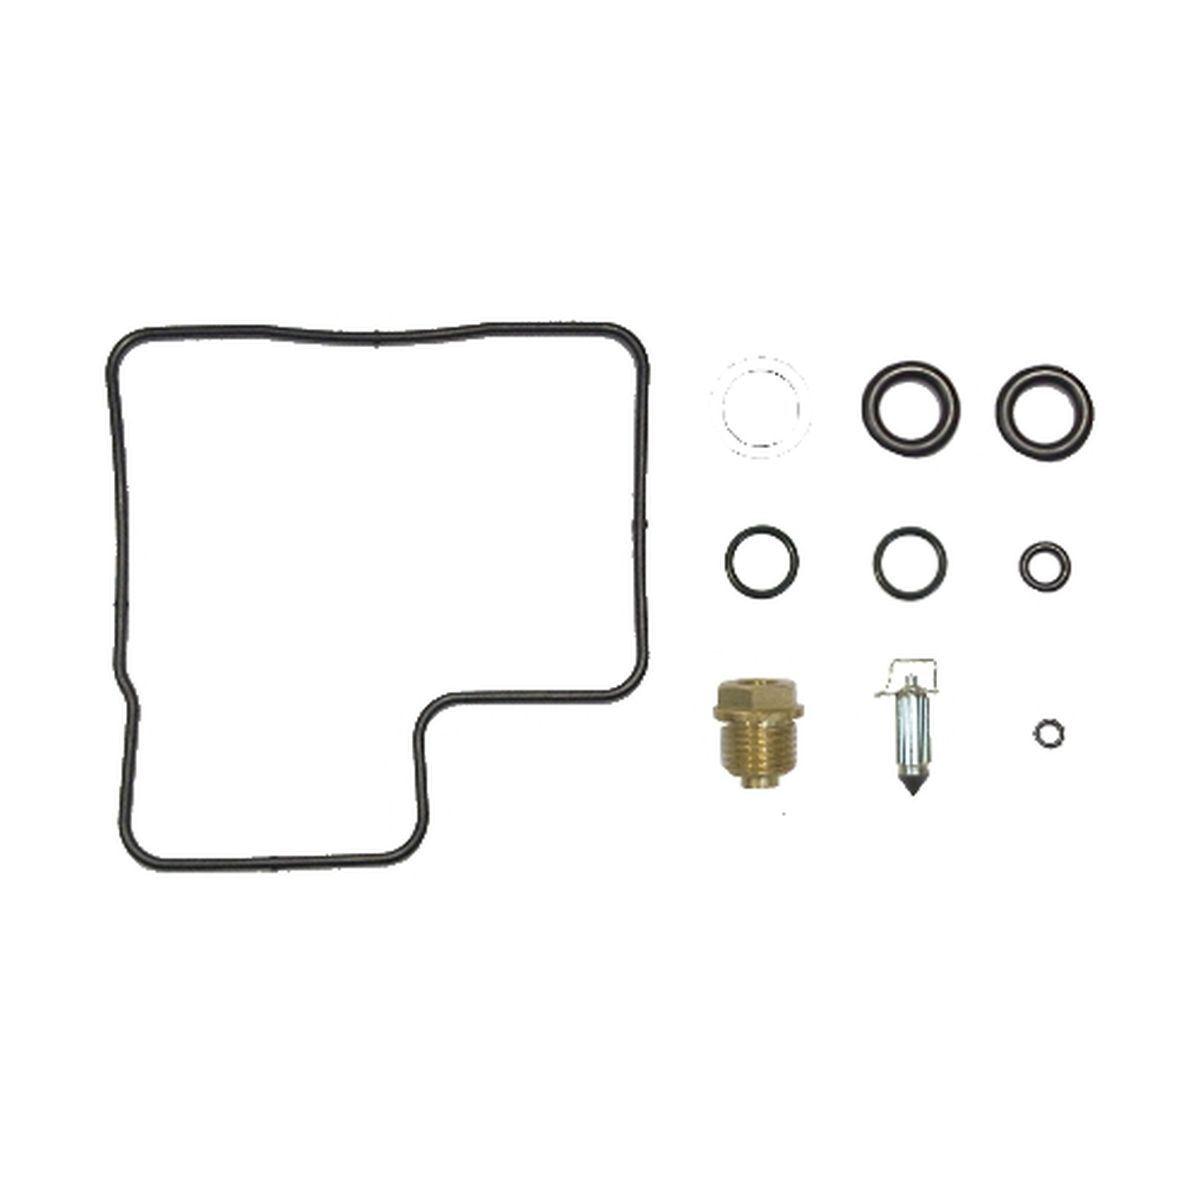 AW Motorcycle Parts. Carburettor Repair Kit Honda VF750FD